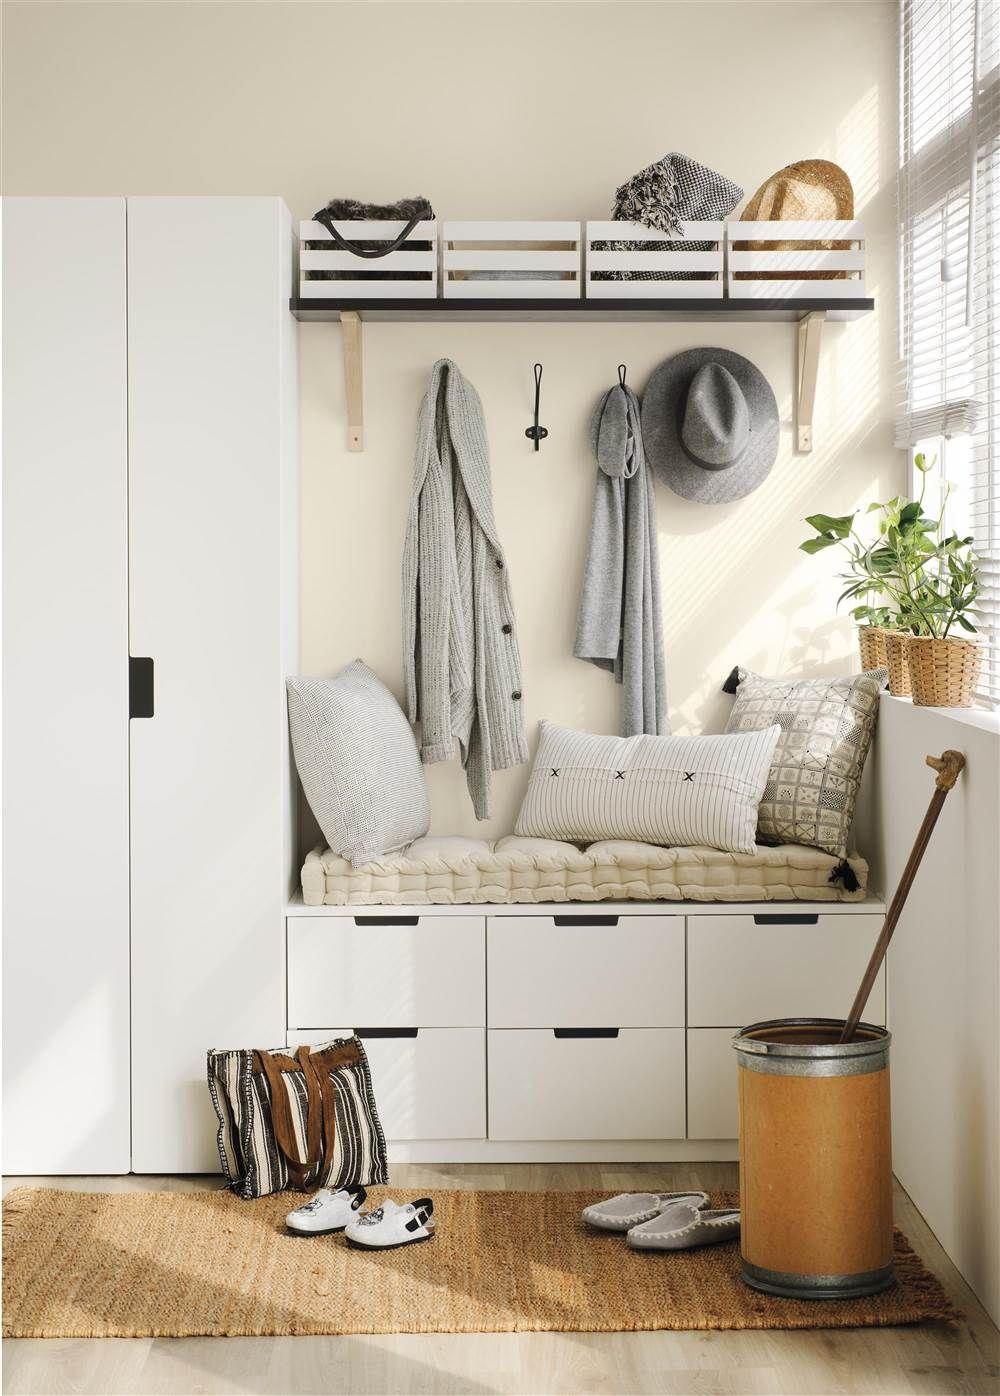 El mismo mueble tres usos recibidor bancos y ganchillo - Armarios entrada recibidor ...